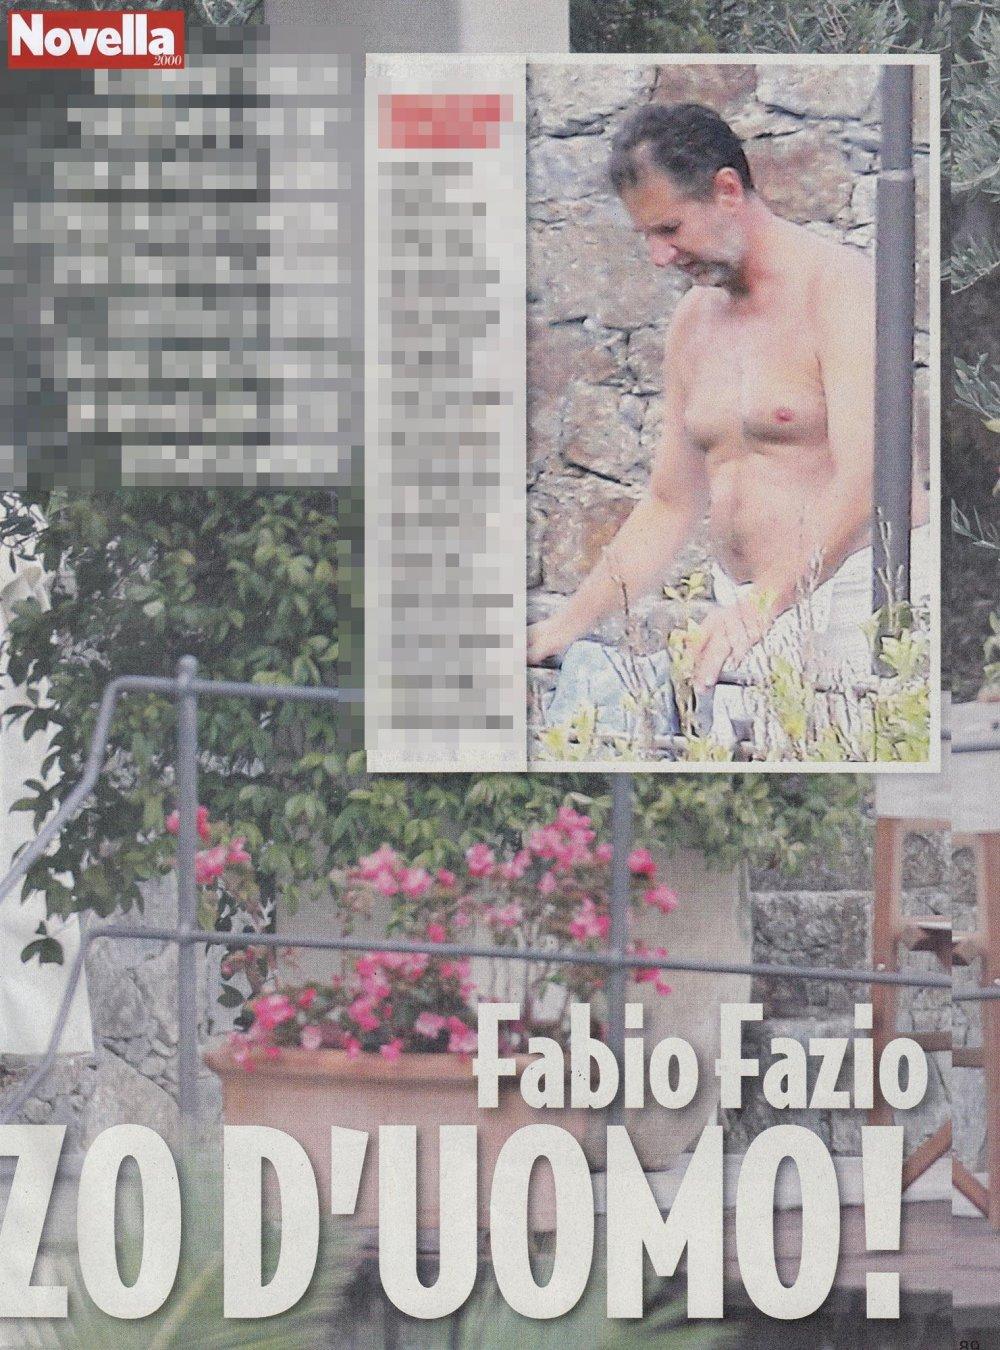 Fabio Fazio a bordo piscina mostra il suo fisico